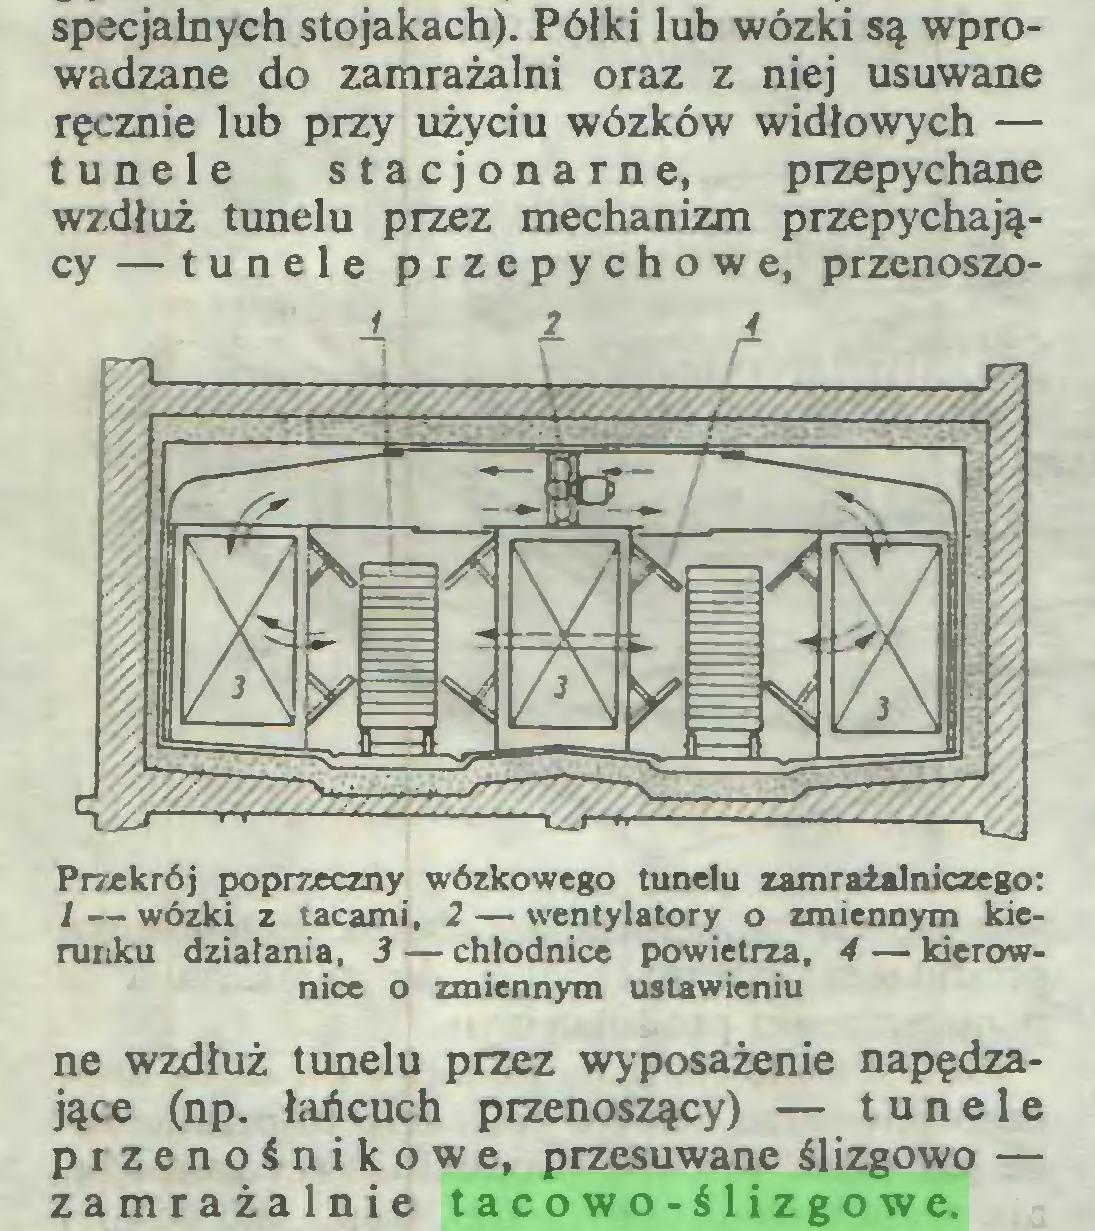 (...) specjalnych stojakach). Półki lub wózki są wprowadzane do zamrażalni oraz z niej usuwane ręcznie lub przy użyciu wózków widłowych — tunele stacjonarne, przepychane wzdłuż tunelu przez mechanizm przepychający — tunele przepychowe, przenoszoPrzekrój poprzeczny wózkowego tunelu zamraialniczego: / — wózki z tacami, 2 — wentylatory o zmiennym kierunku działania, 3 — chłodnice powietrza, 4 — kierownice o zmiennym ustawieniu ne wzdłuż tunelu przez wyposażenie napędzające (np. łańcuch przenoszący) — tunele przenośnikowe, przesuwane ślizgowo — zamrażalnie tacowo-ślizgowe...